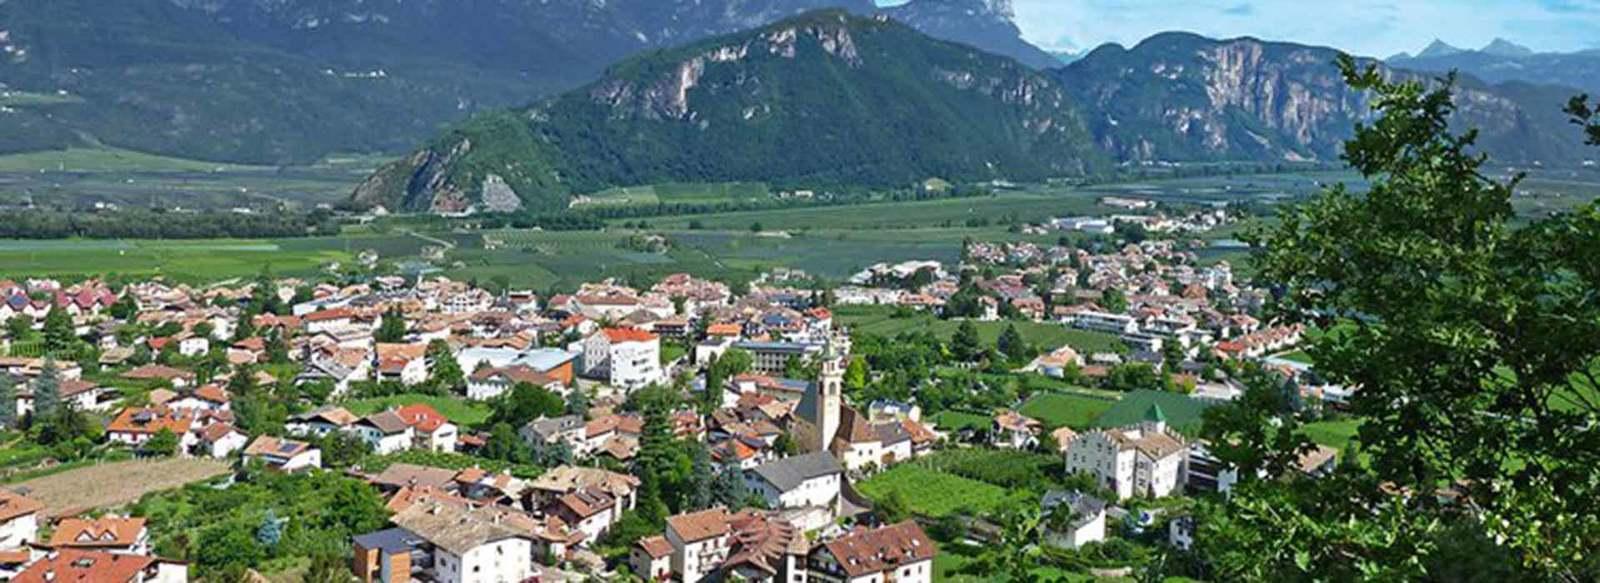 Gusto e tradizioni dell'Alto Adige